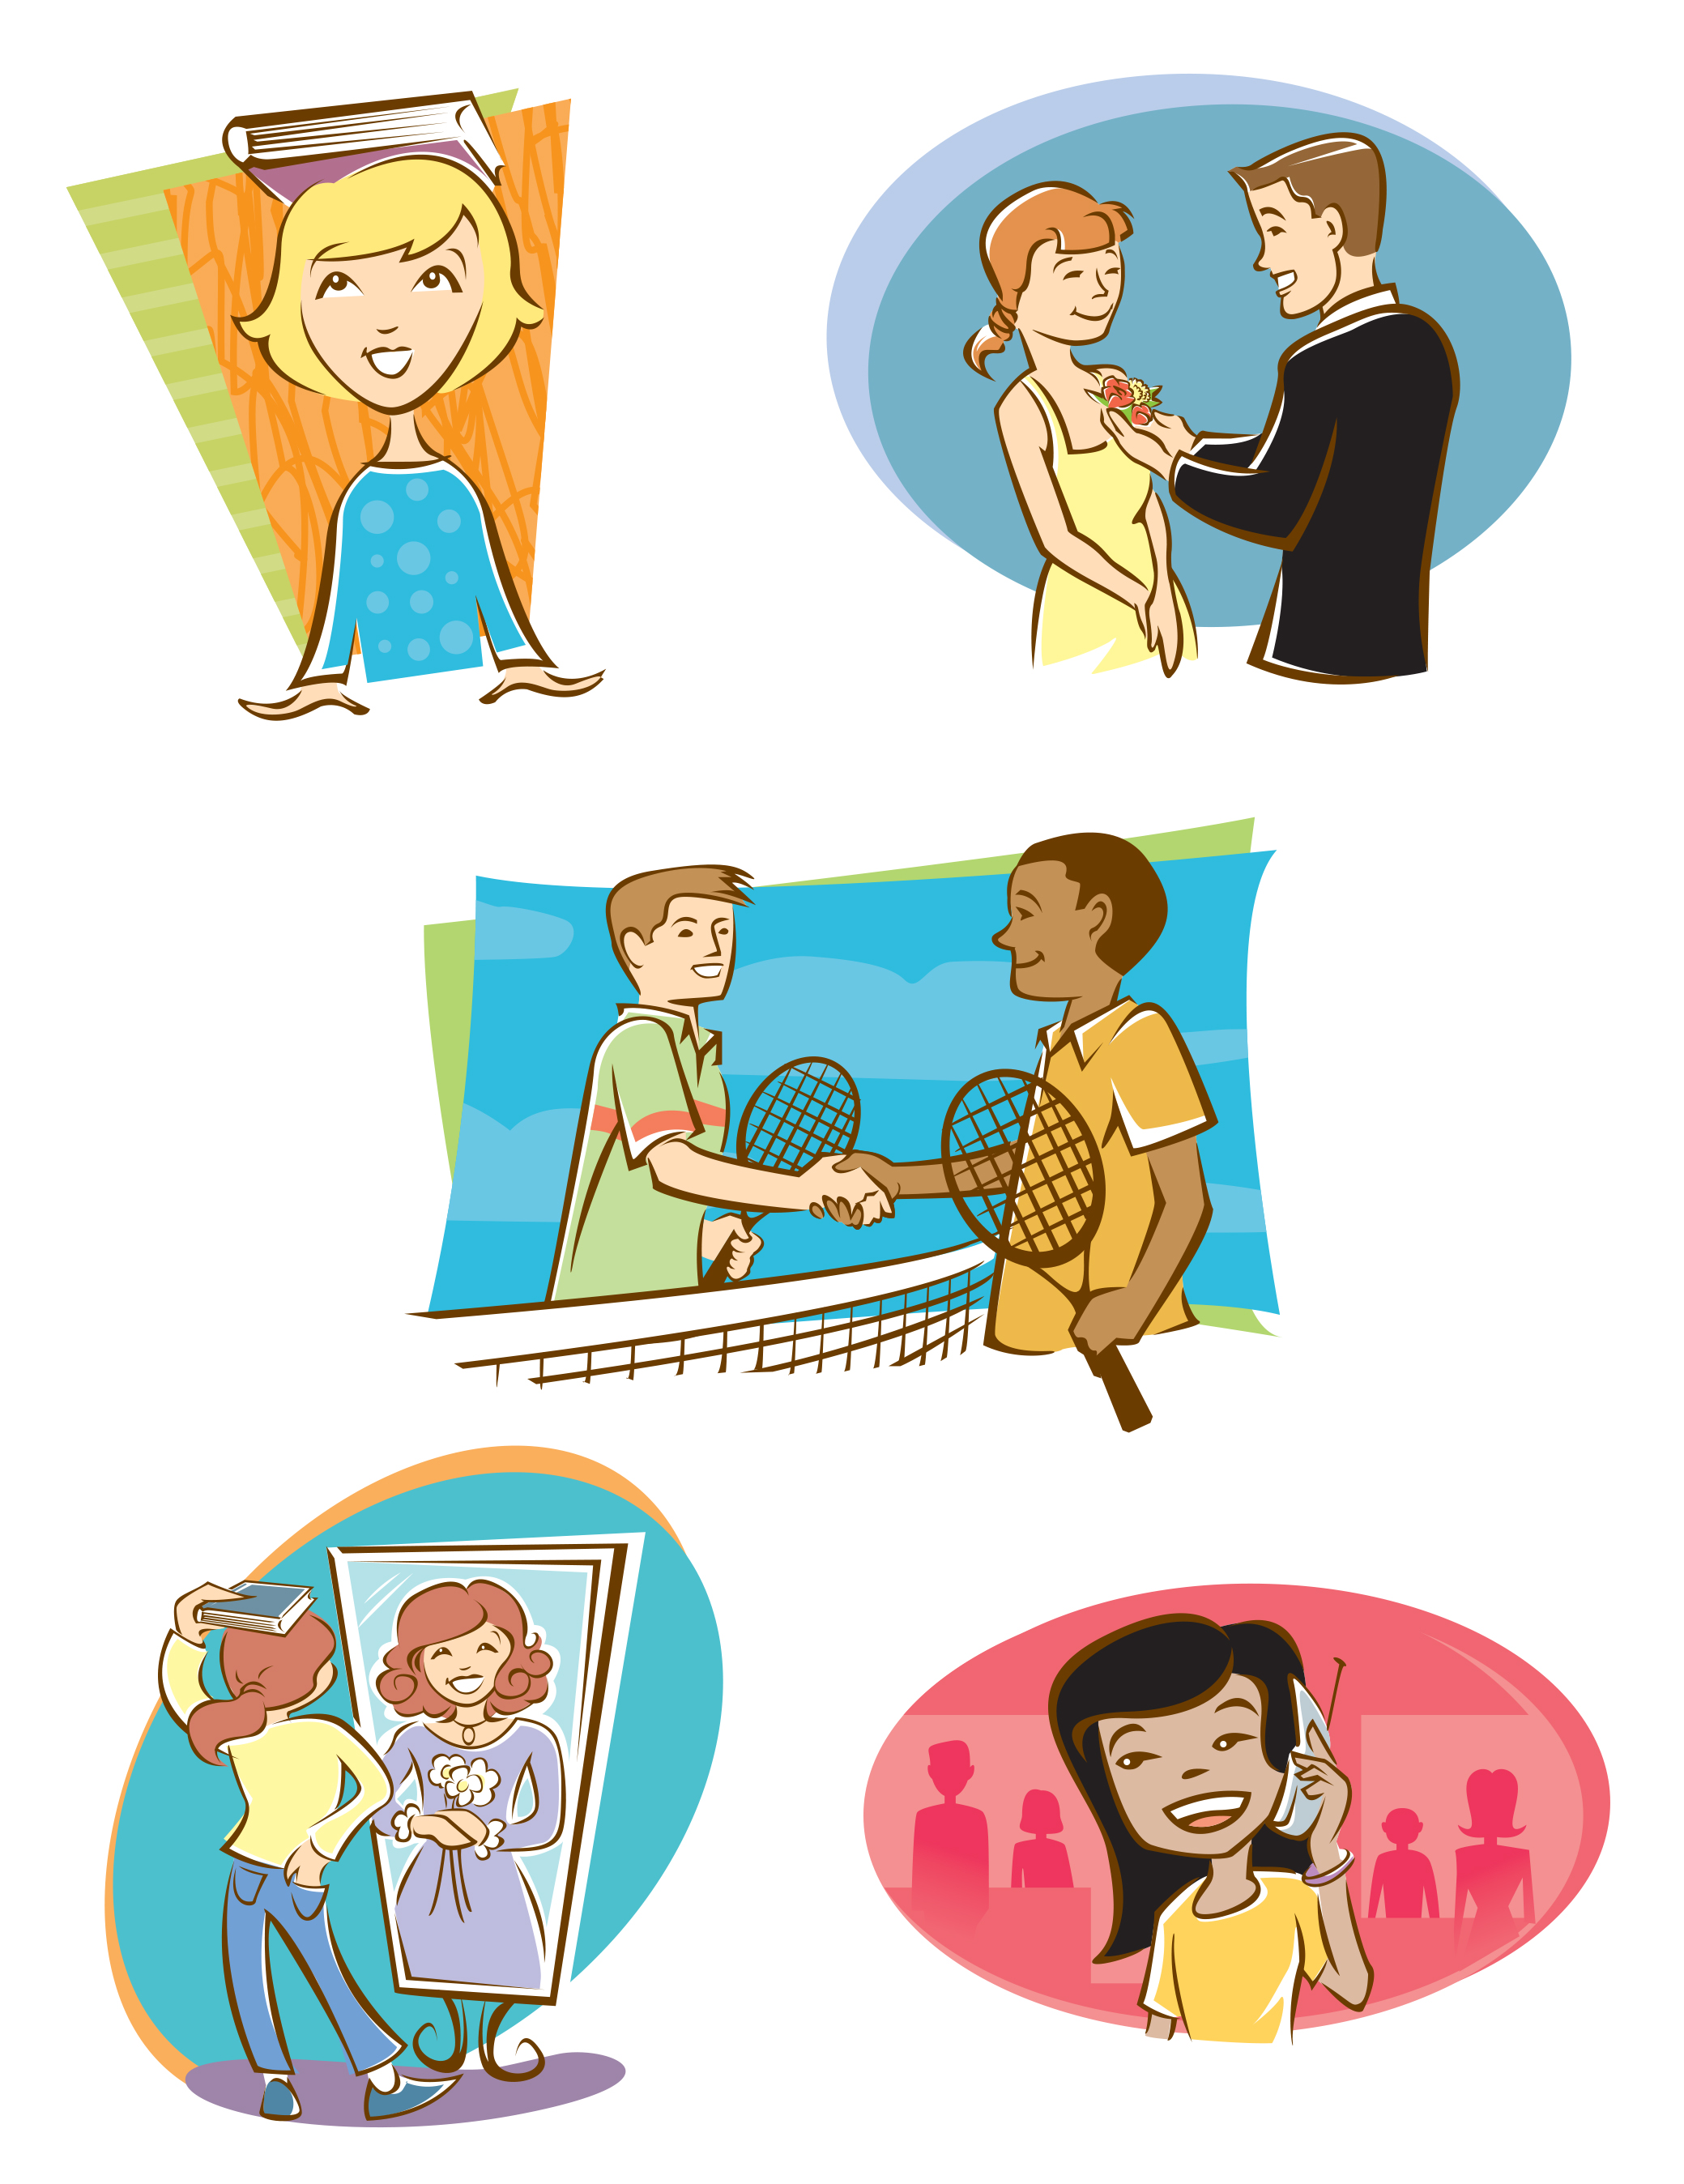 Kids Manner Book Illustrations